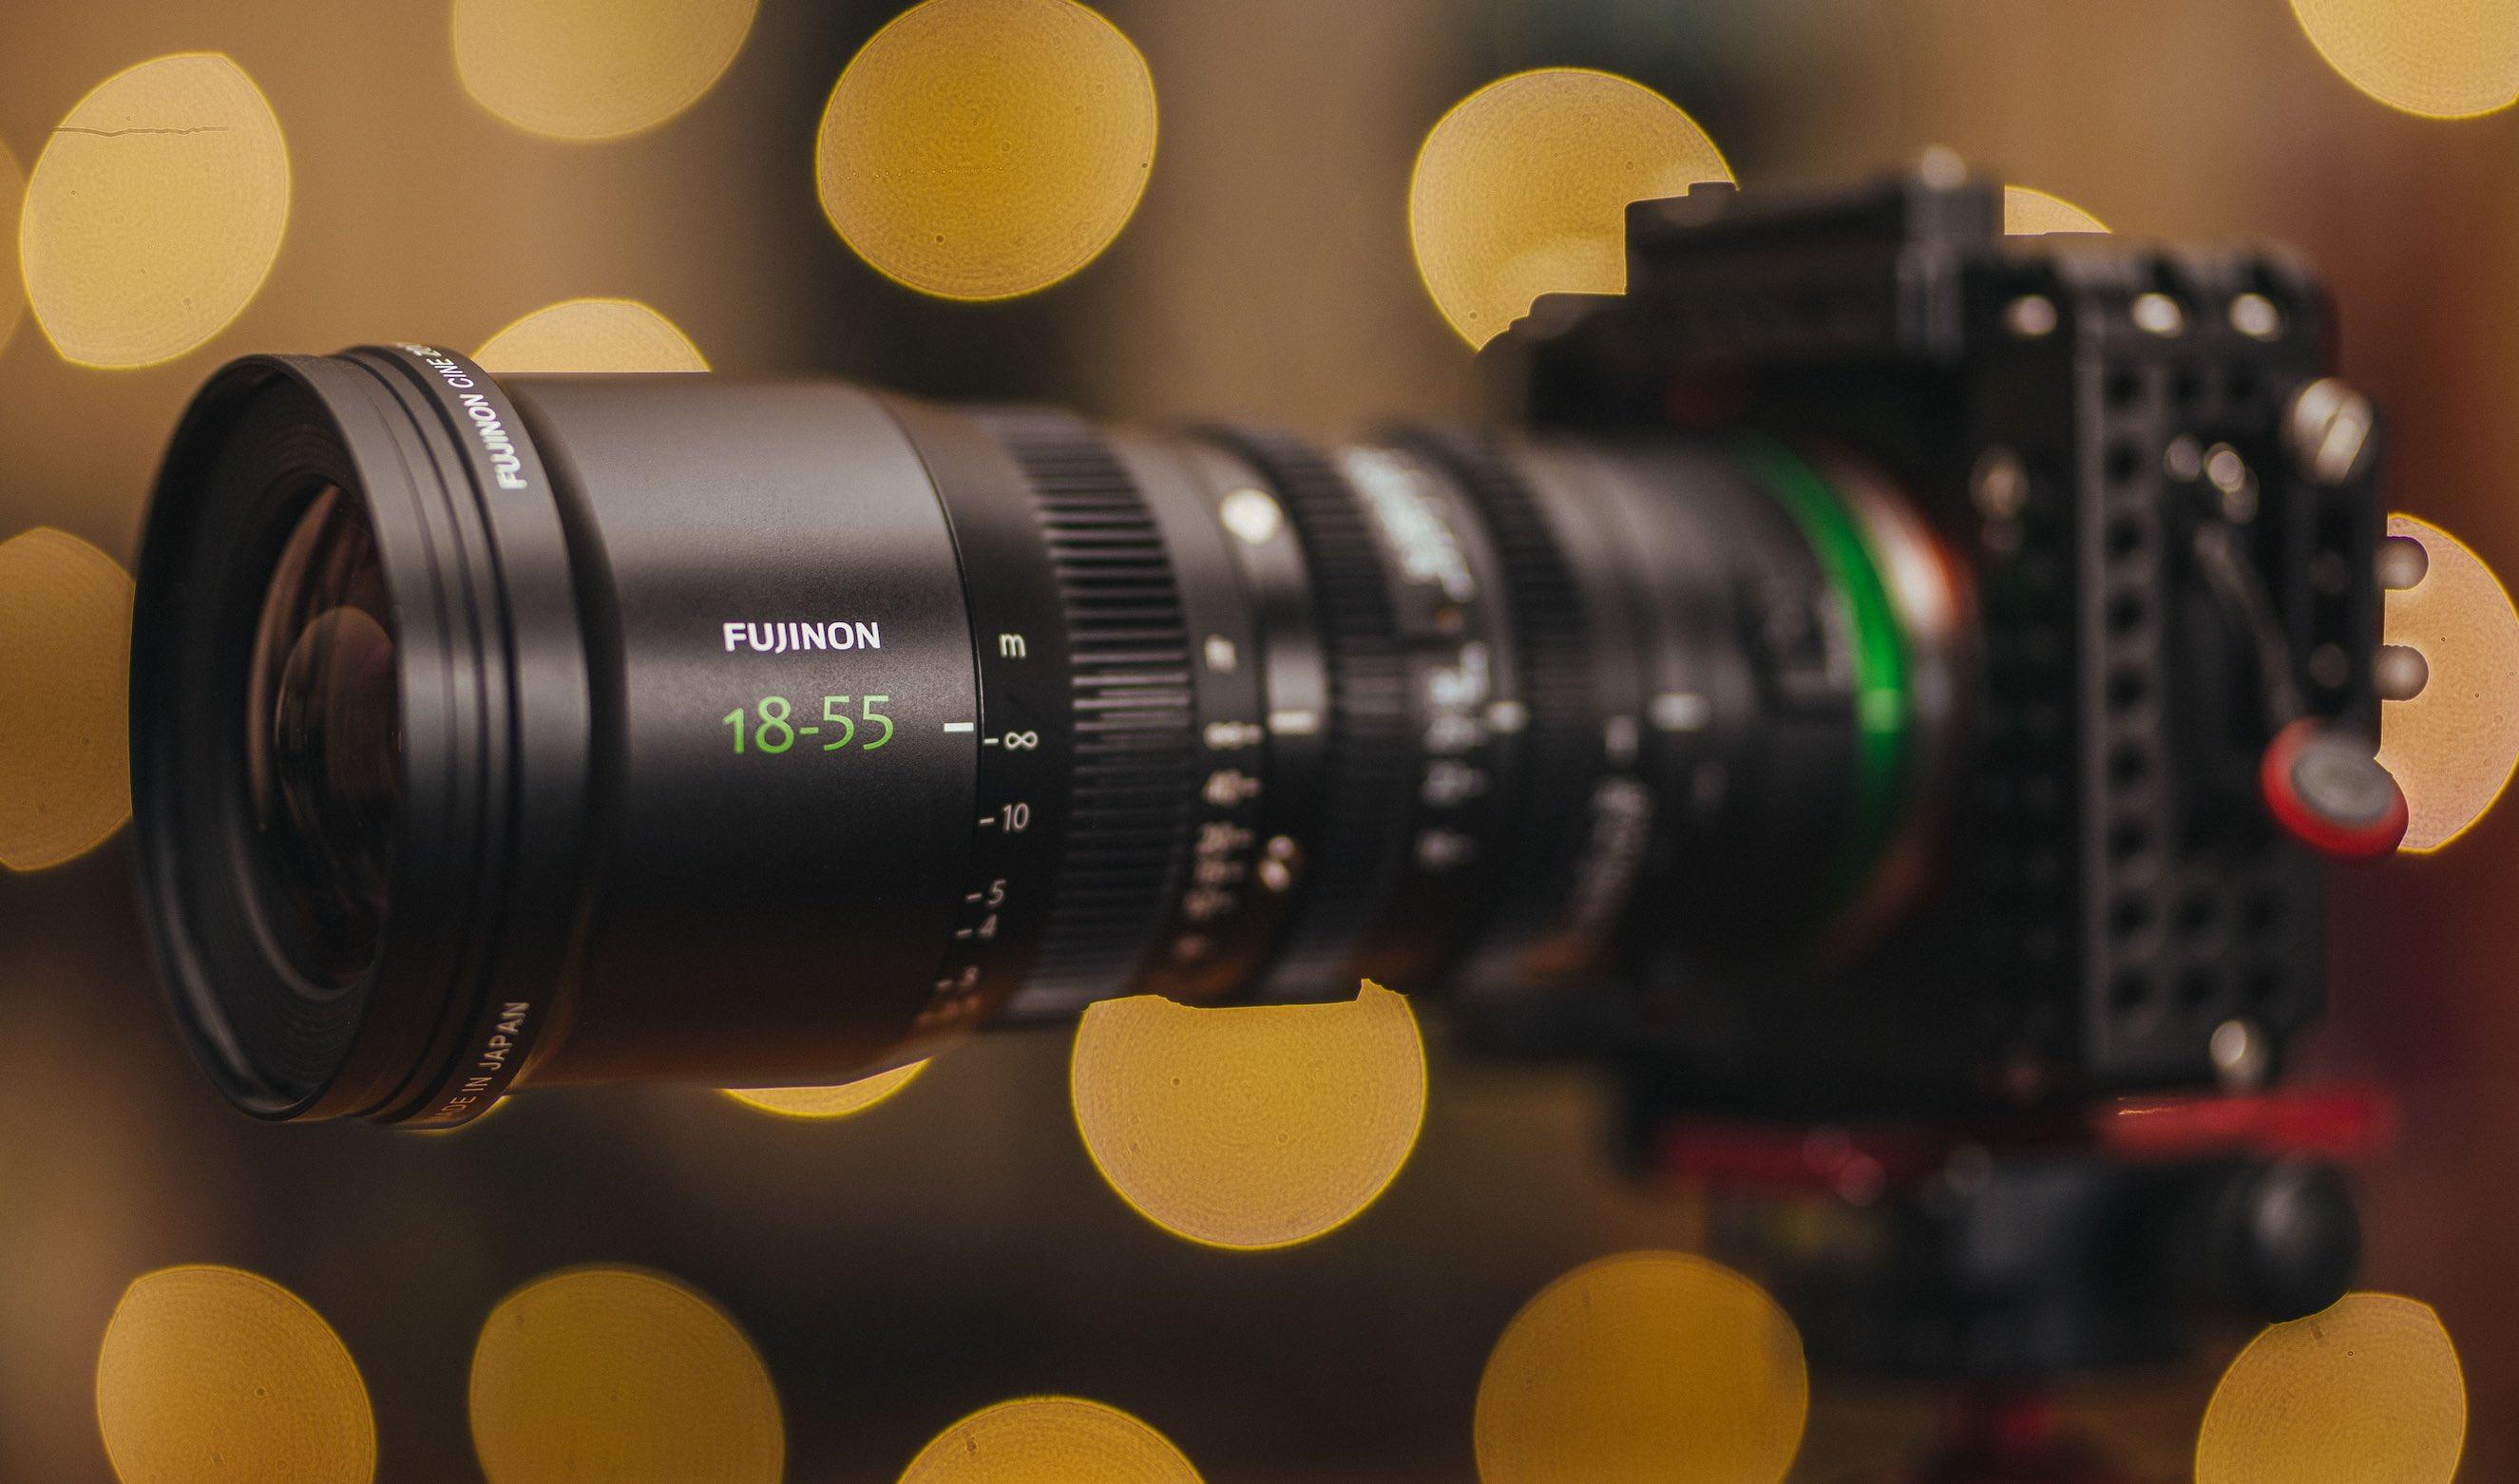 past een canon lens op een sony body